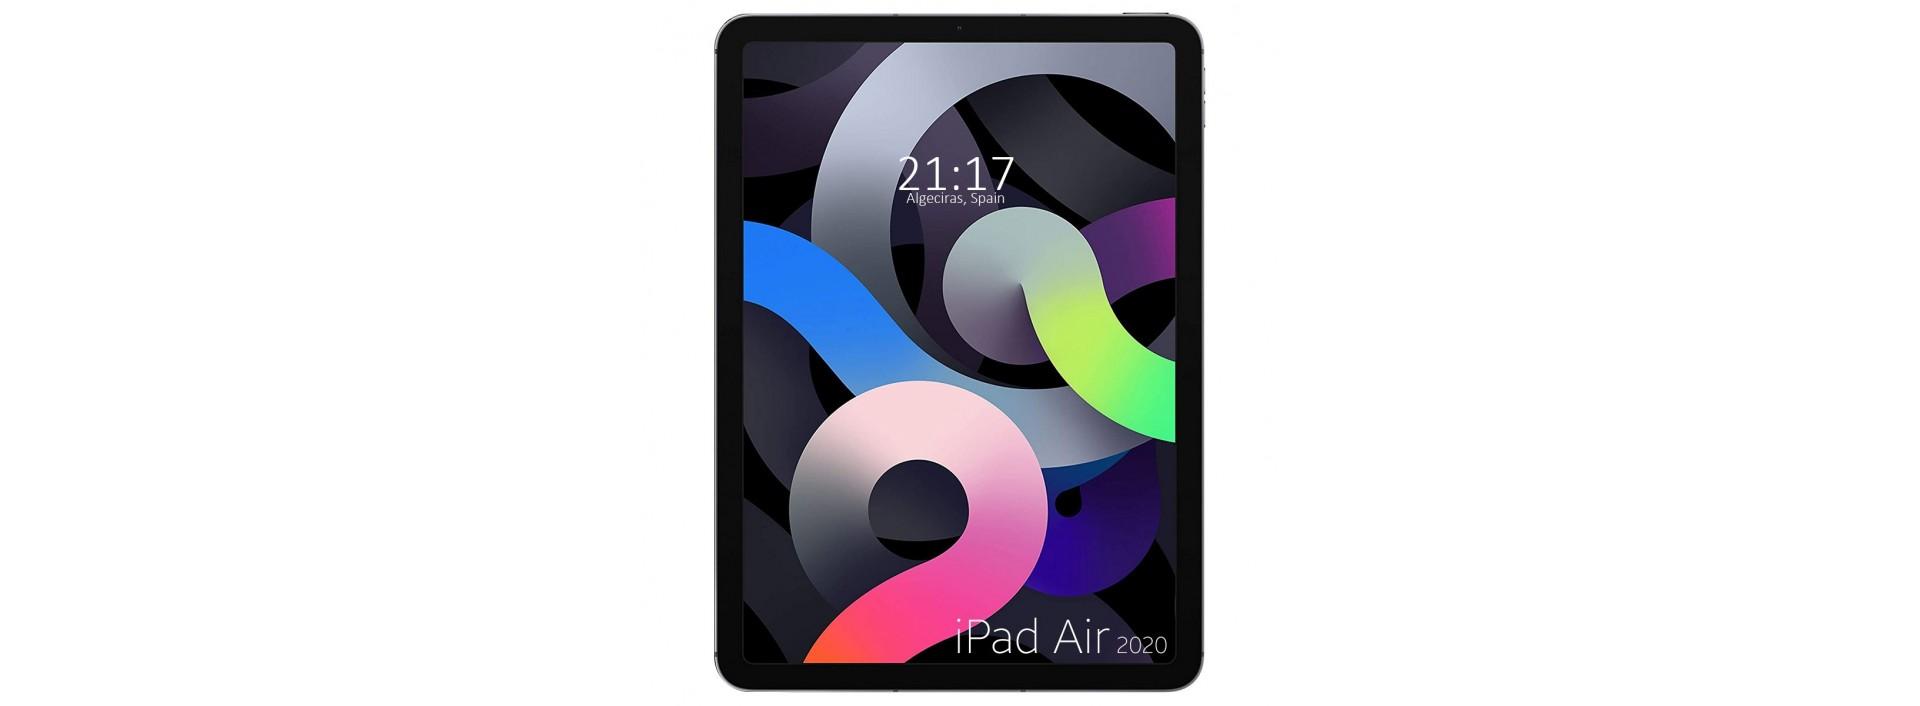 iPad Air 10.9 (2020) 4ª Gen. / iPad Pro 11 (2018) 1ª Gen.